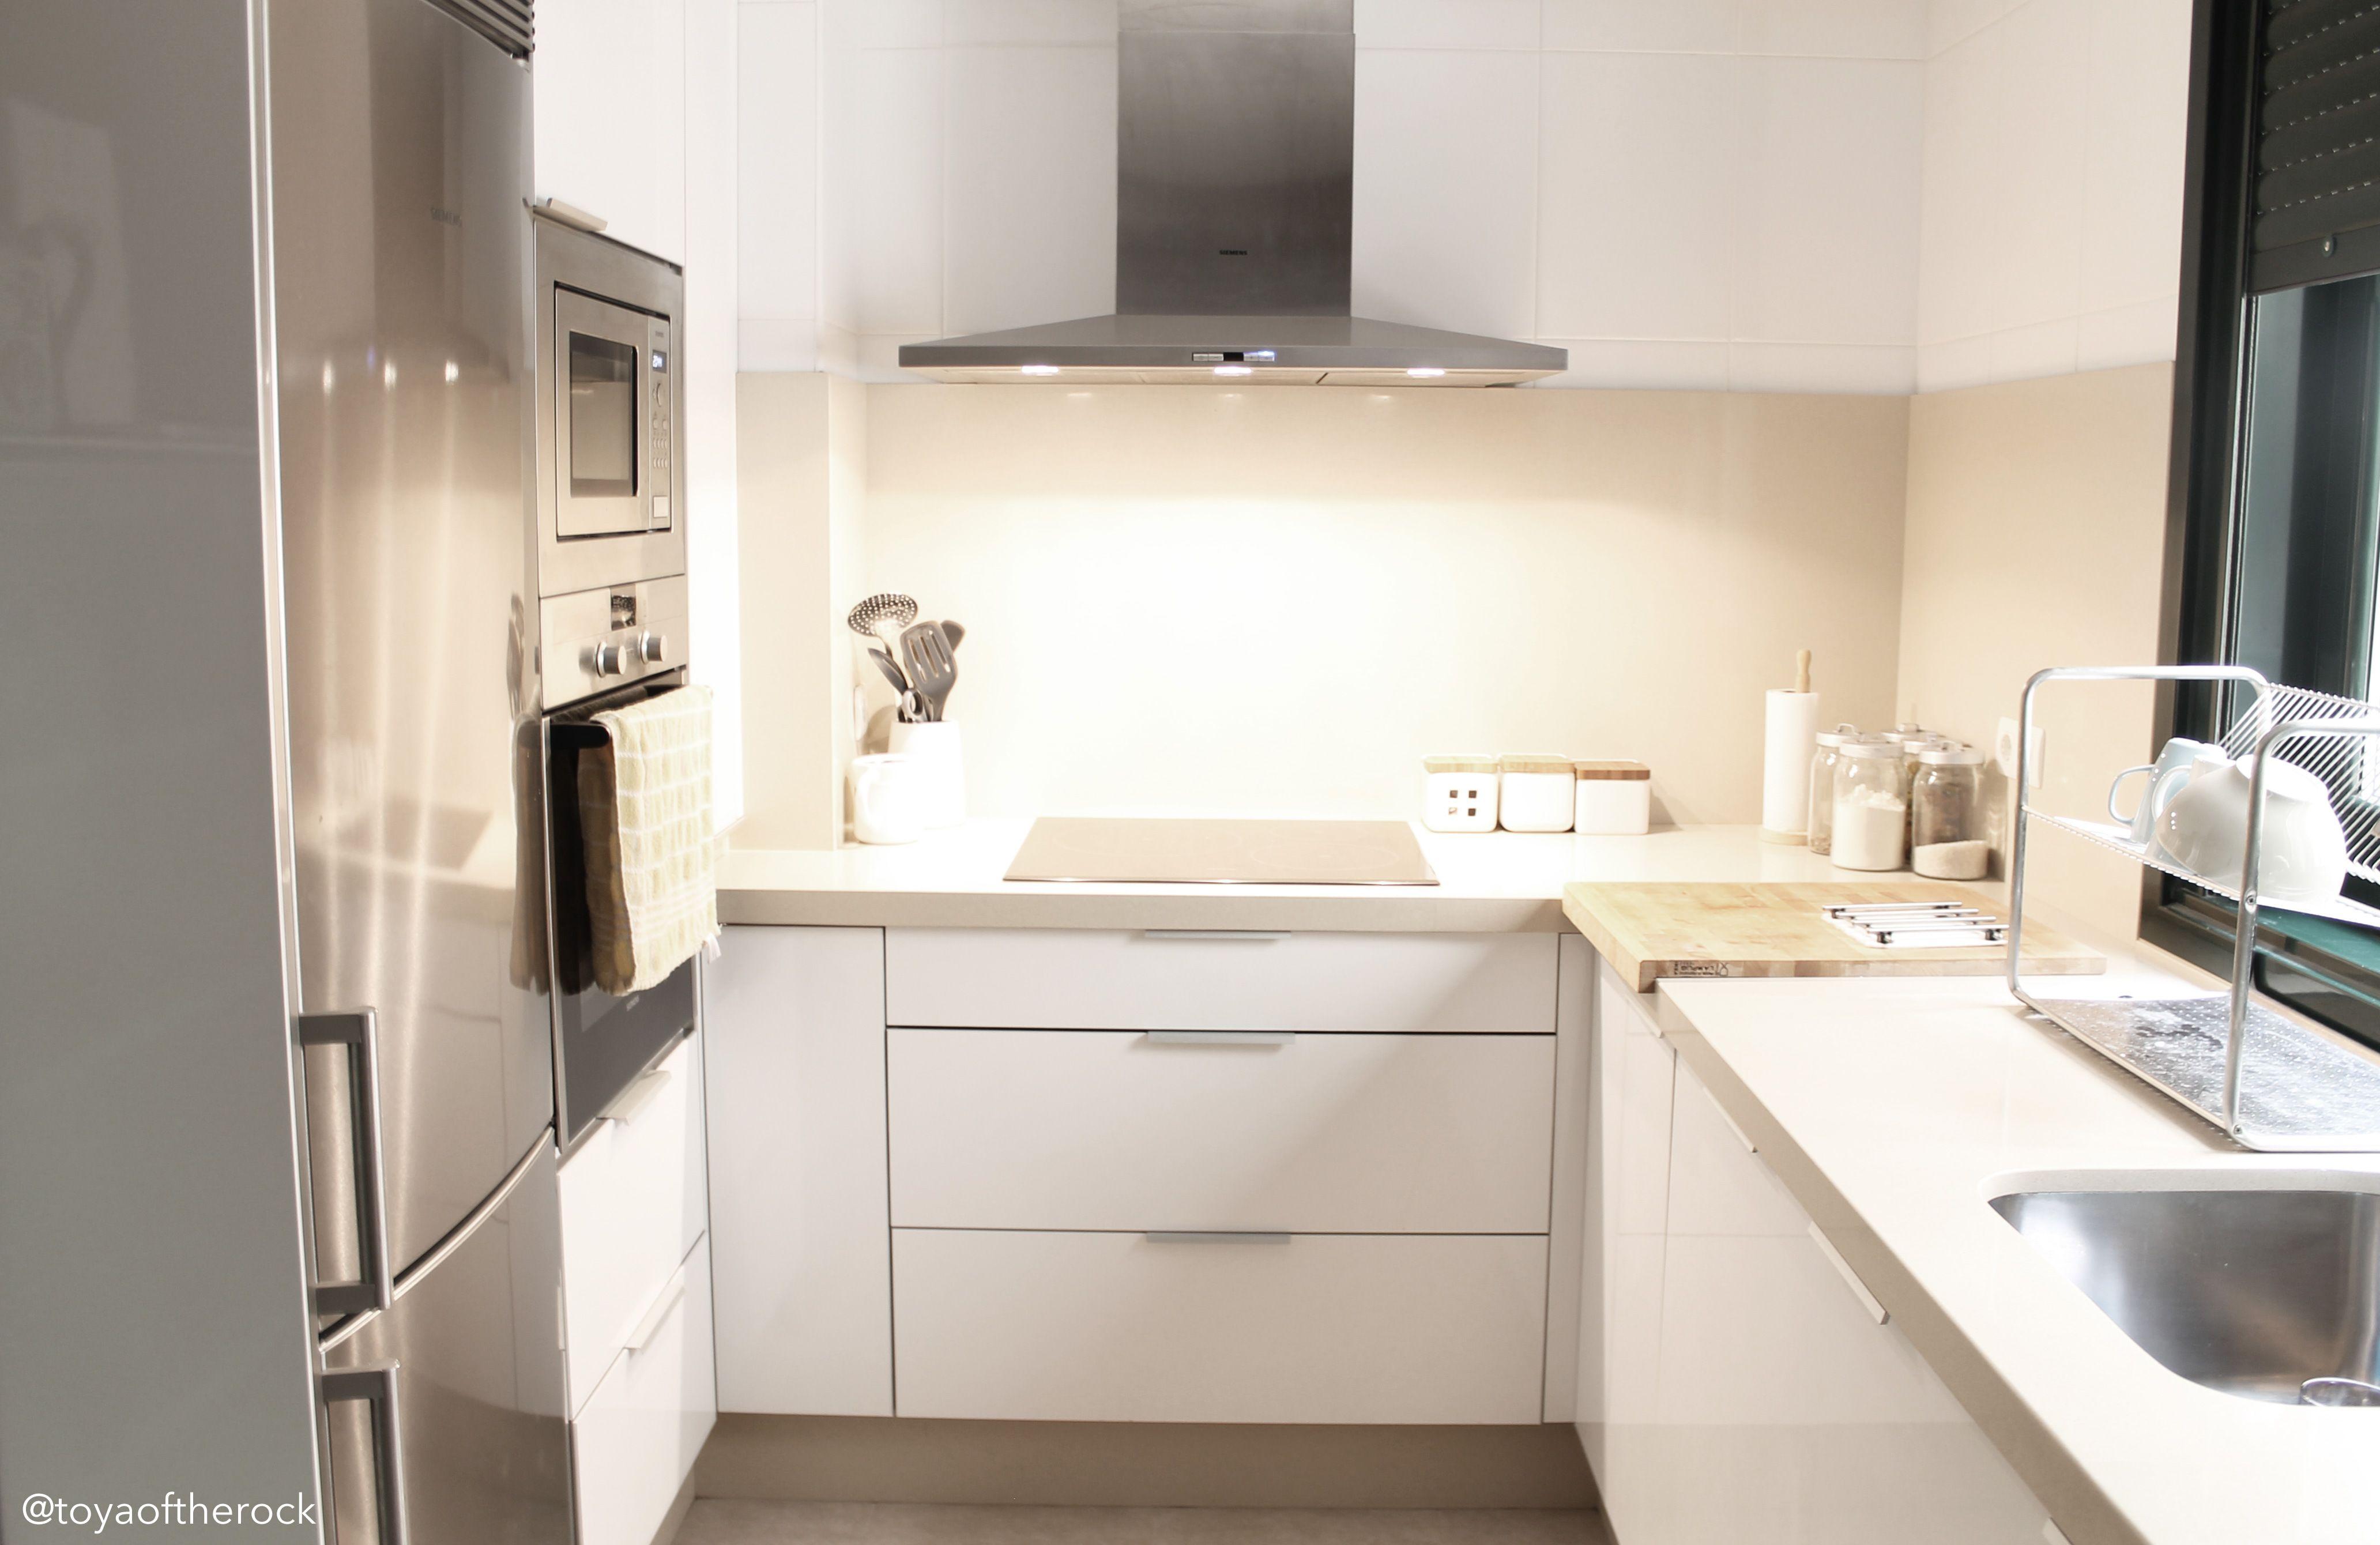 Cocina Blanco Crema Decoracion De Cocina Moderna Decoracion De Cocina Decoracion De Interiores